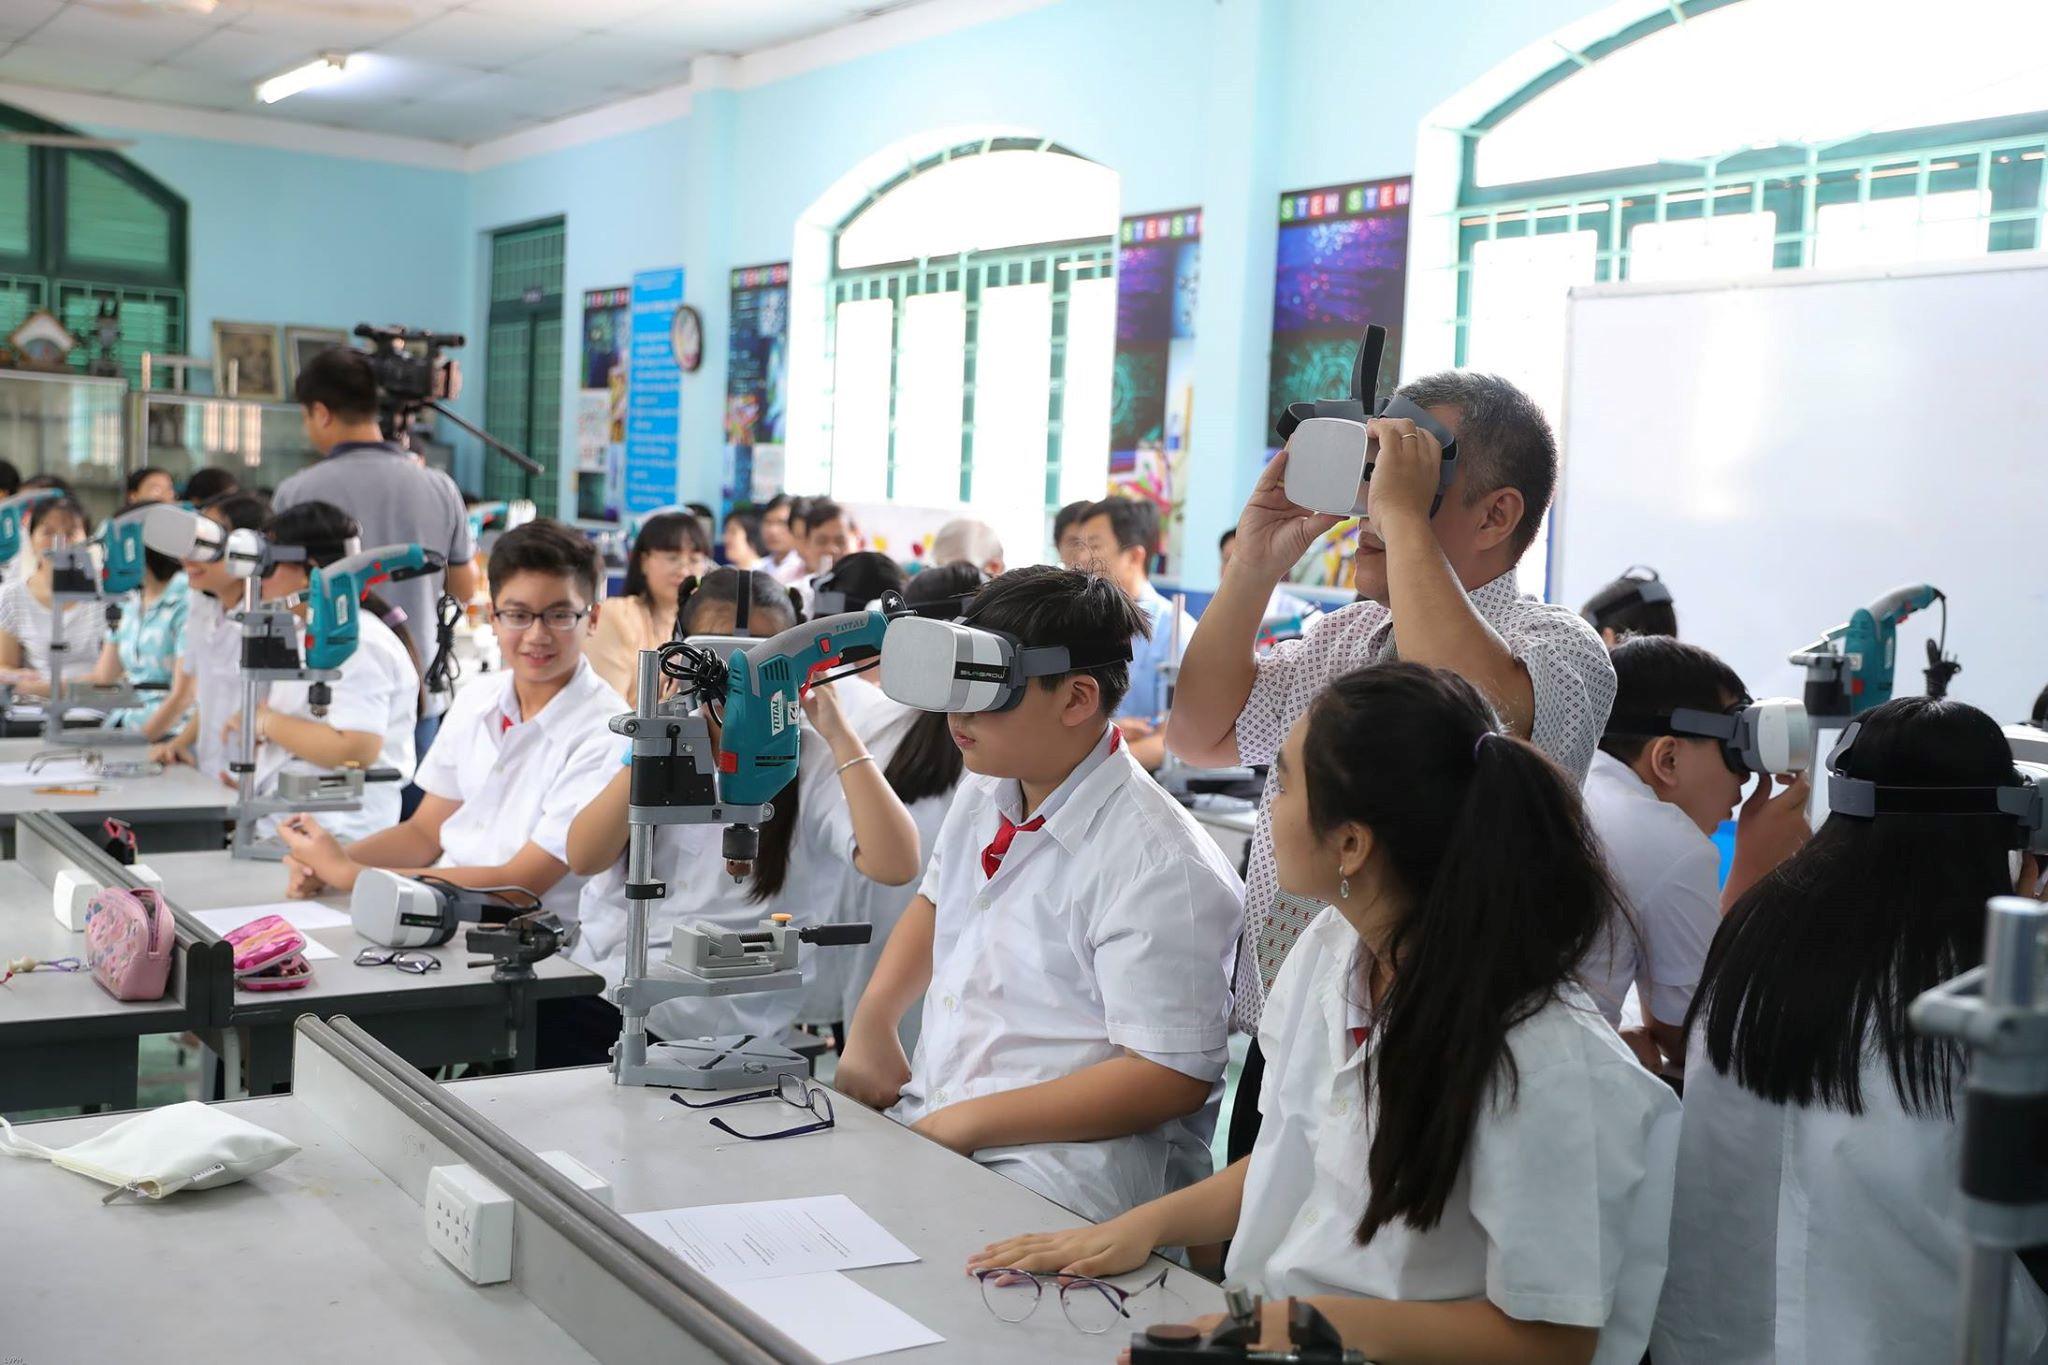 Học sinh TP.HCM kiểm tra học kỳ từ ngày 10 đến 22.12 Ảnh 1